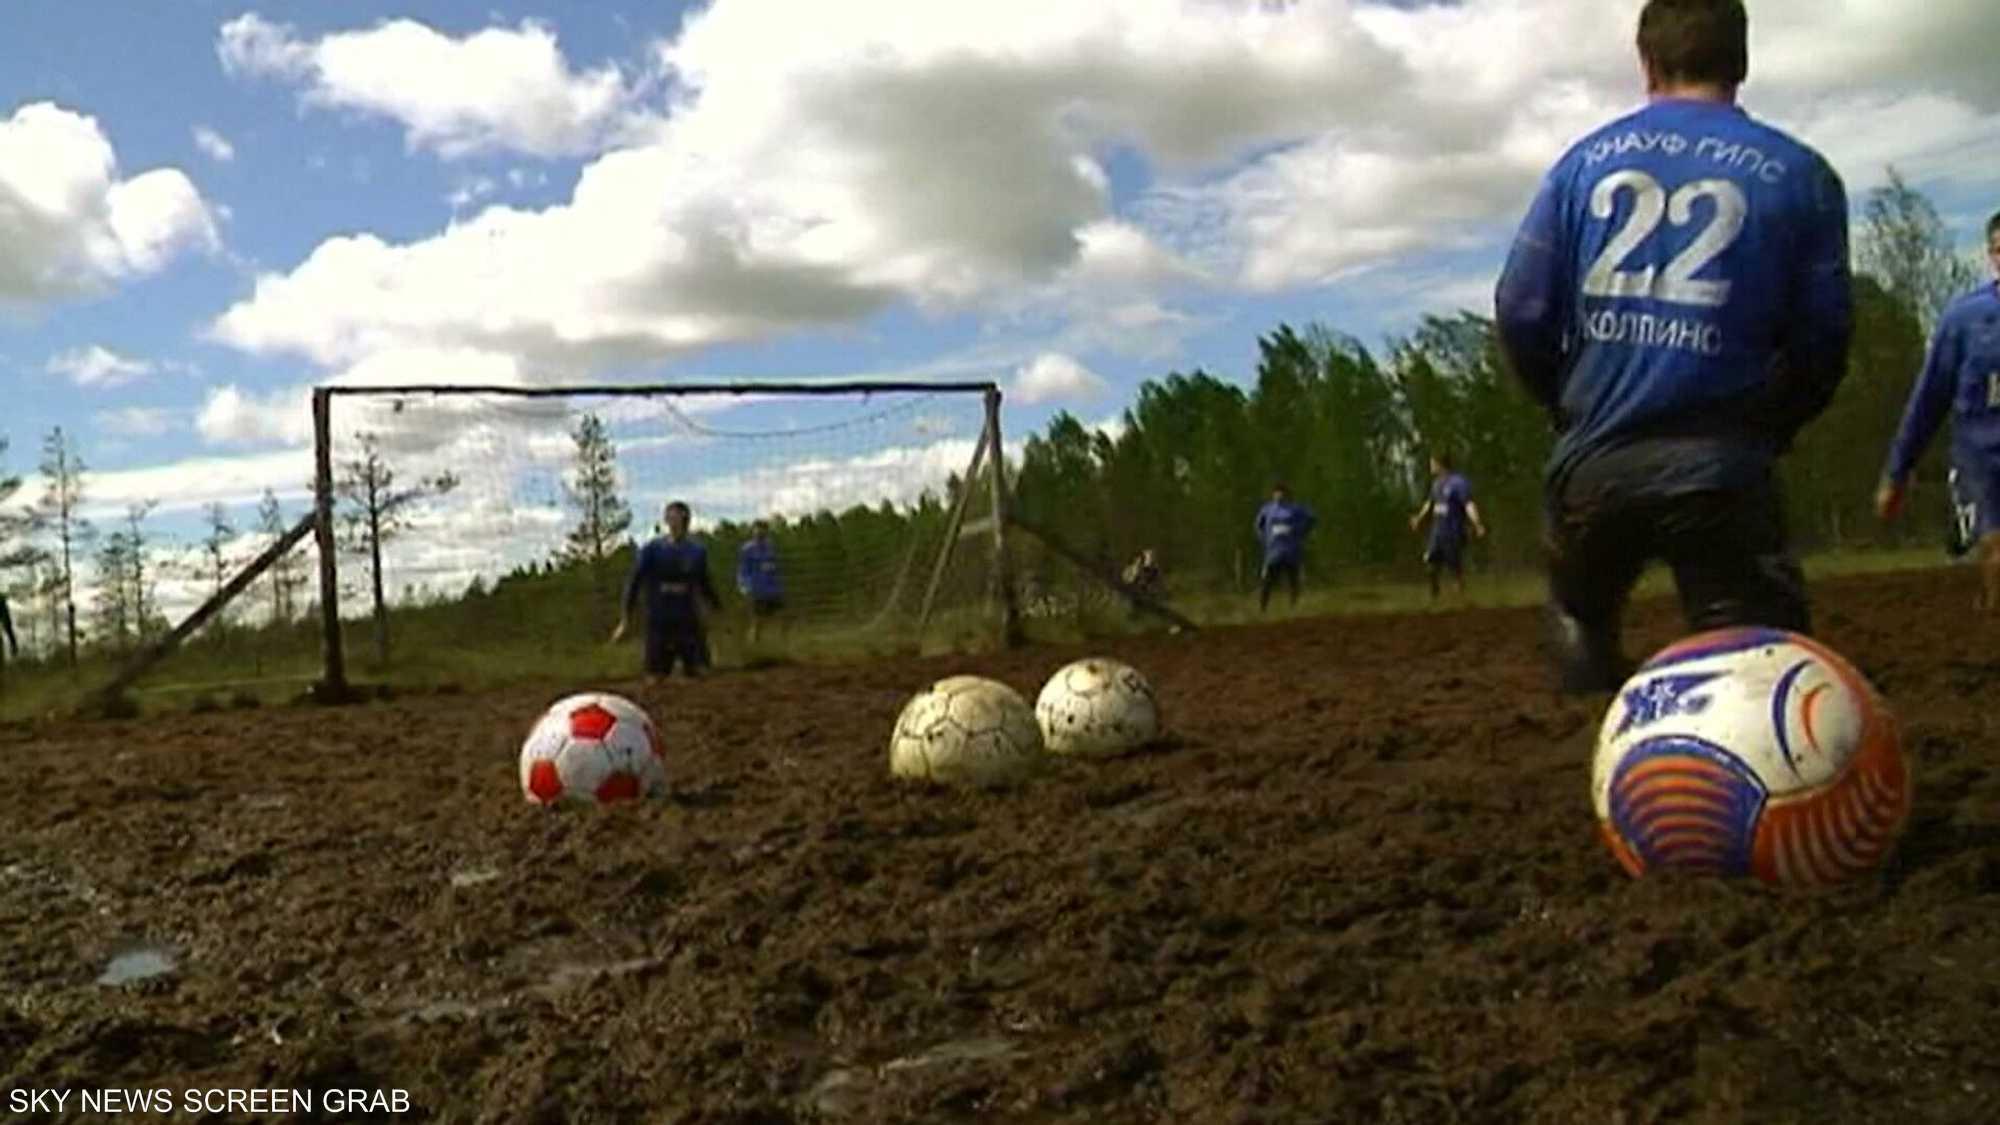 كرة قدم المستنقعات بدأت كتمرين عنيف للجنود في اسكتلندا